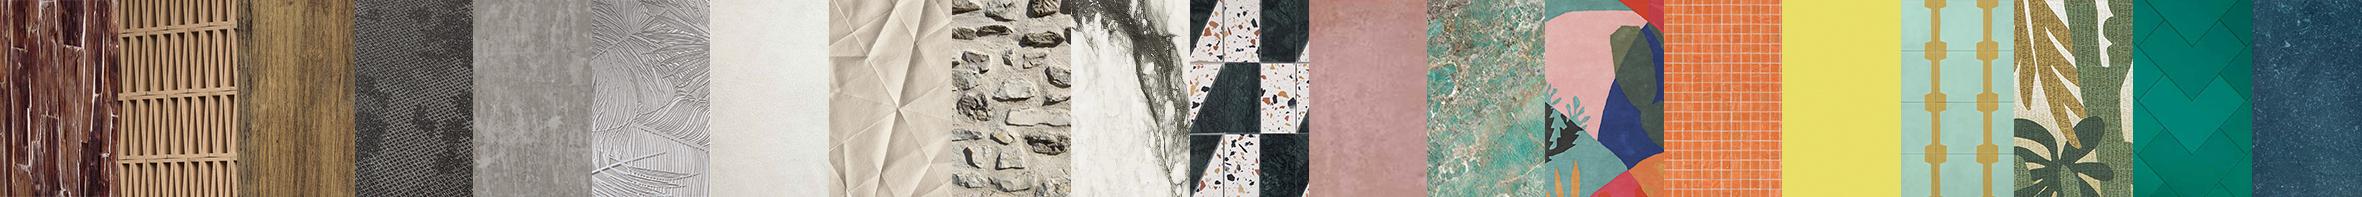 architecture d'intérieur bois Terrazzo marbre pierre bleue du Hainaut chaux mosaïque carreau de ciment pierre vue carreau grès céram tapis textile